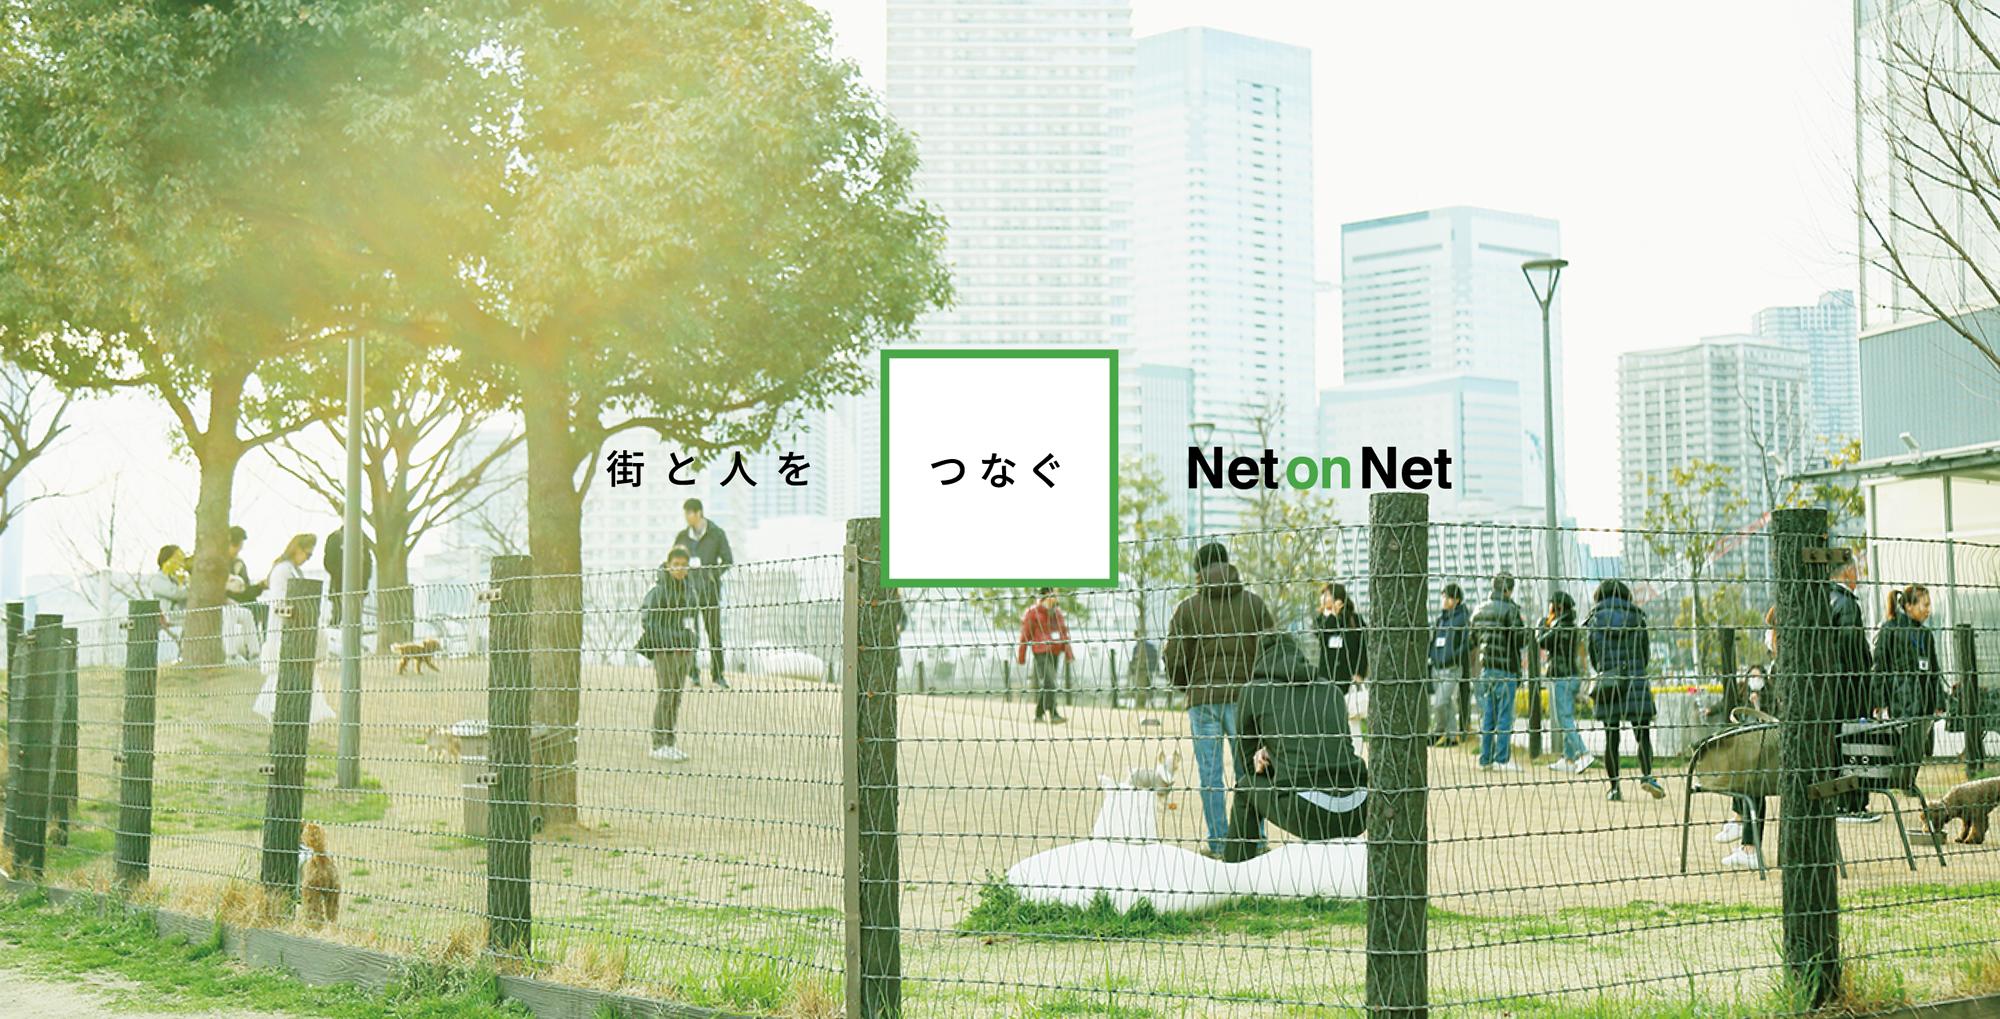 街と人をとつなぐNet on Net